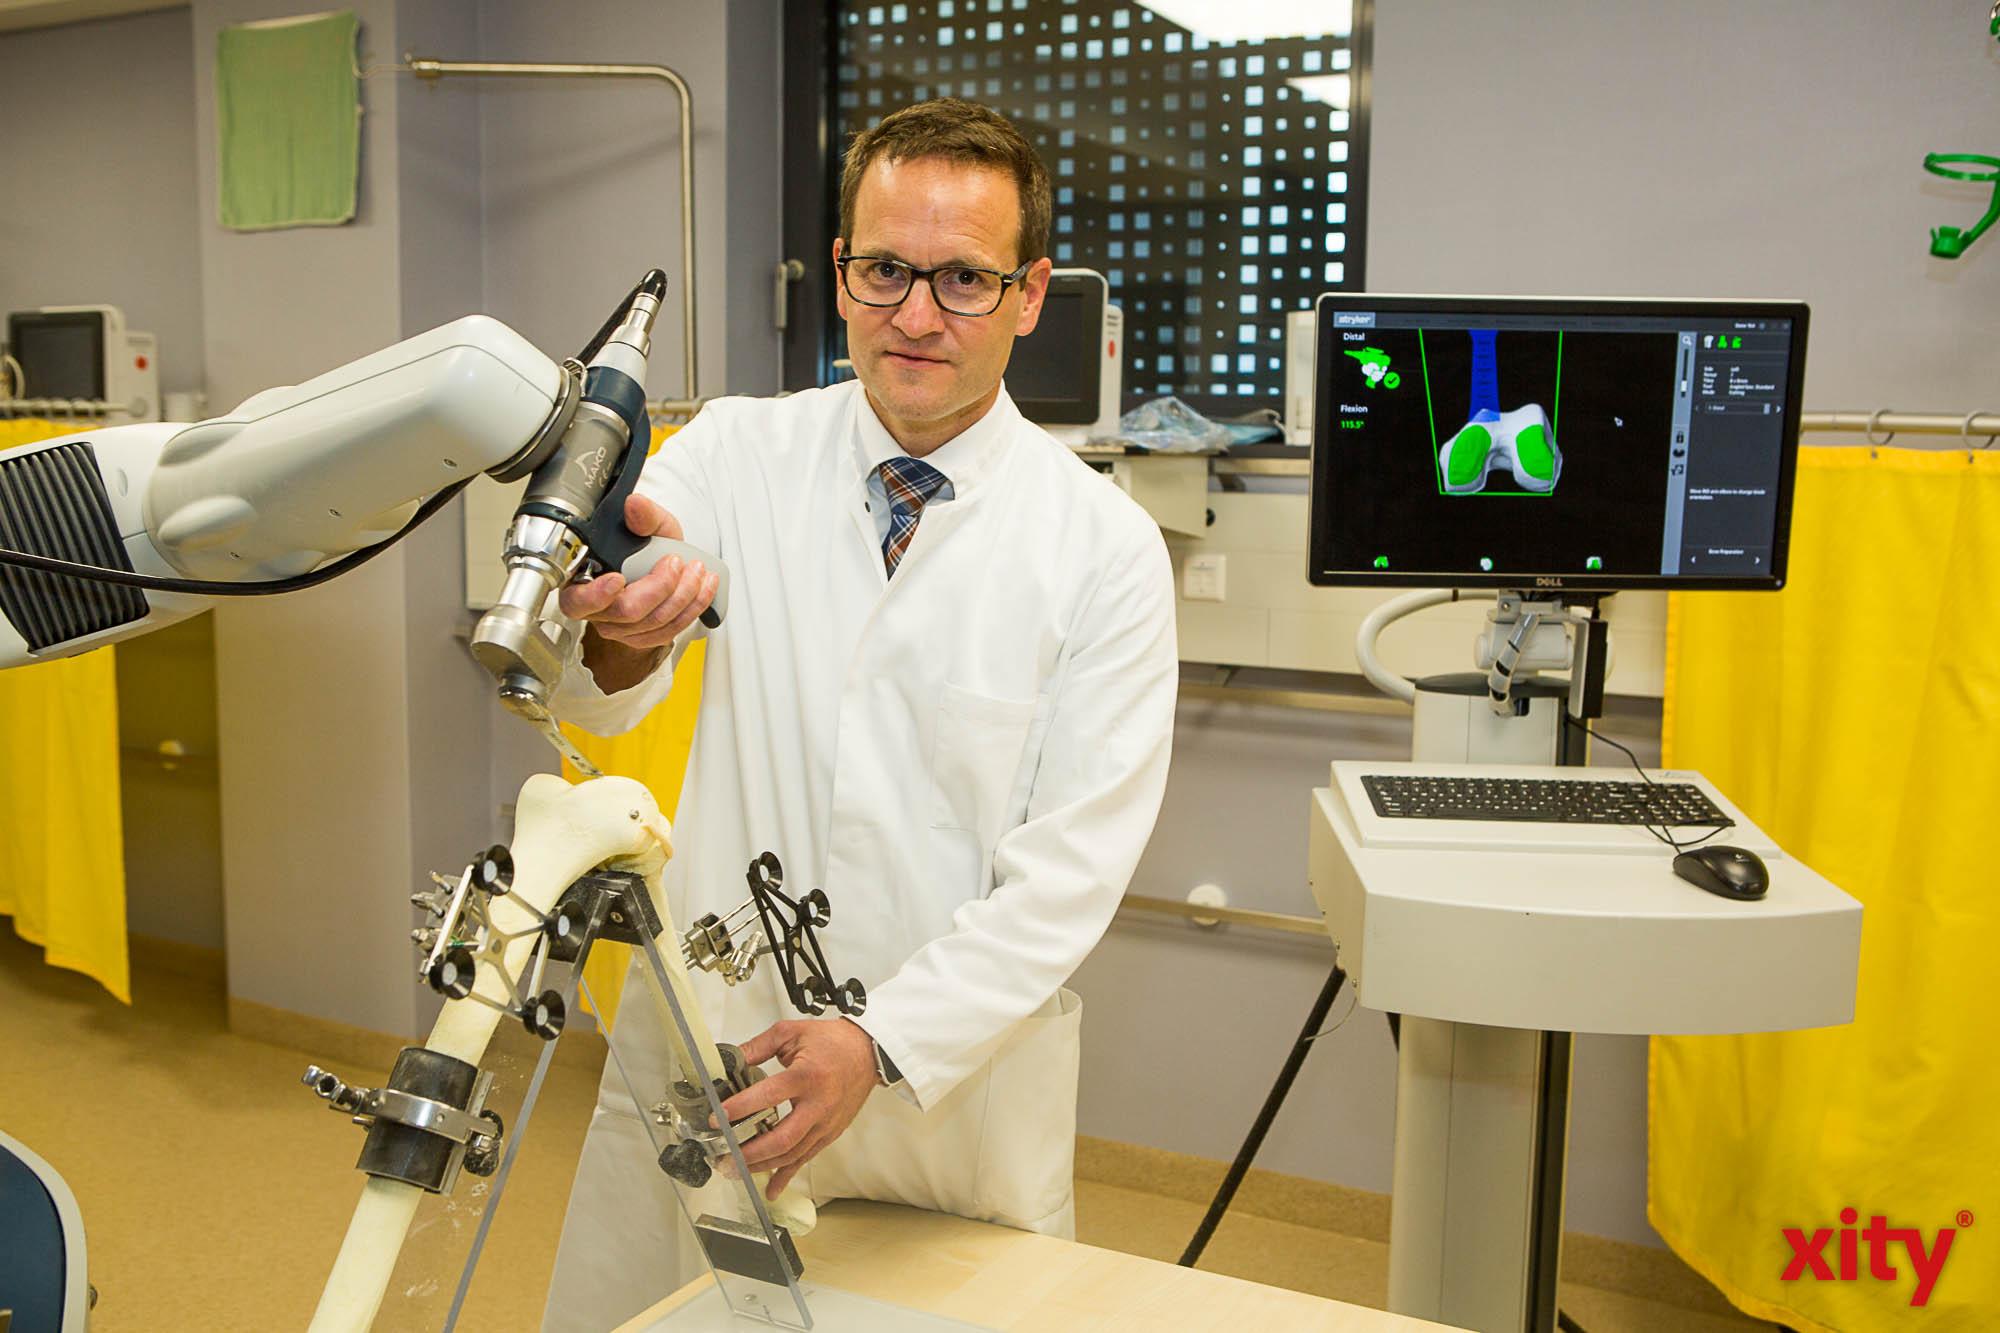 Prof. Dr. med. Christoph Schnurr, Chefarzt der Klinik für Orthopädie am St. Vinzenz-Krankenhaus demonstrierte den neuen Roboterarm (Foto: xity)